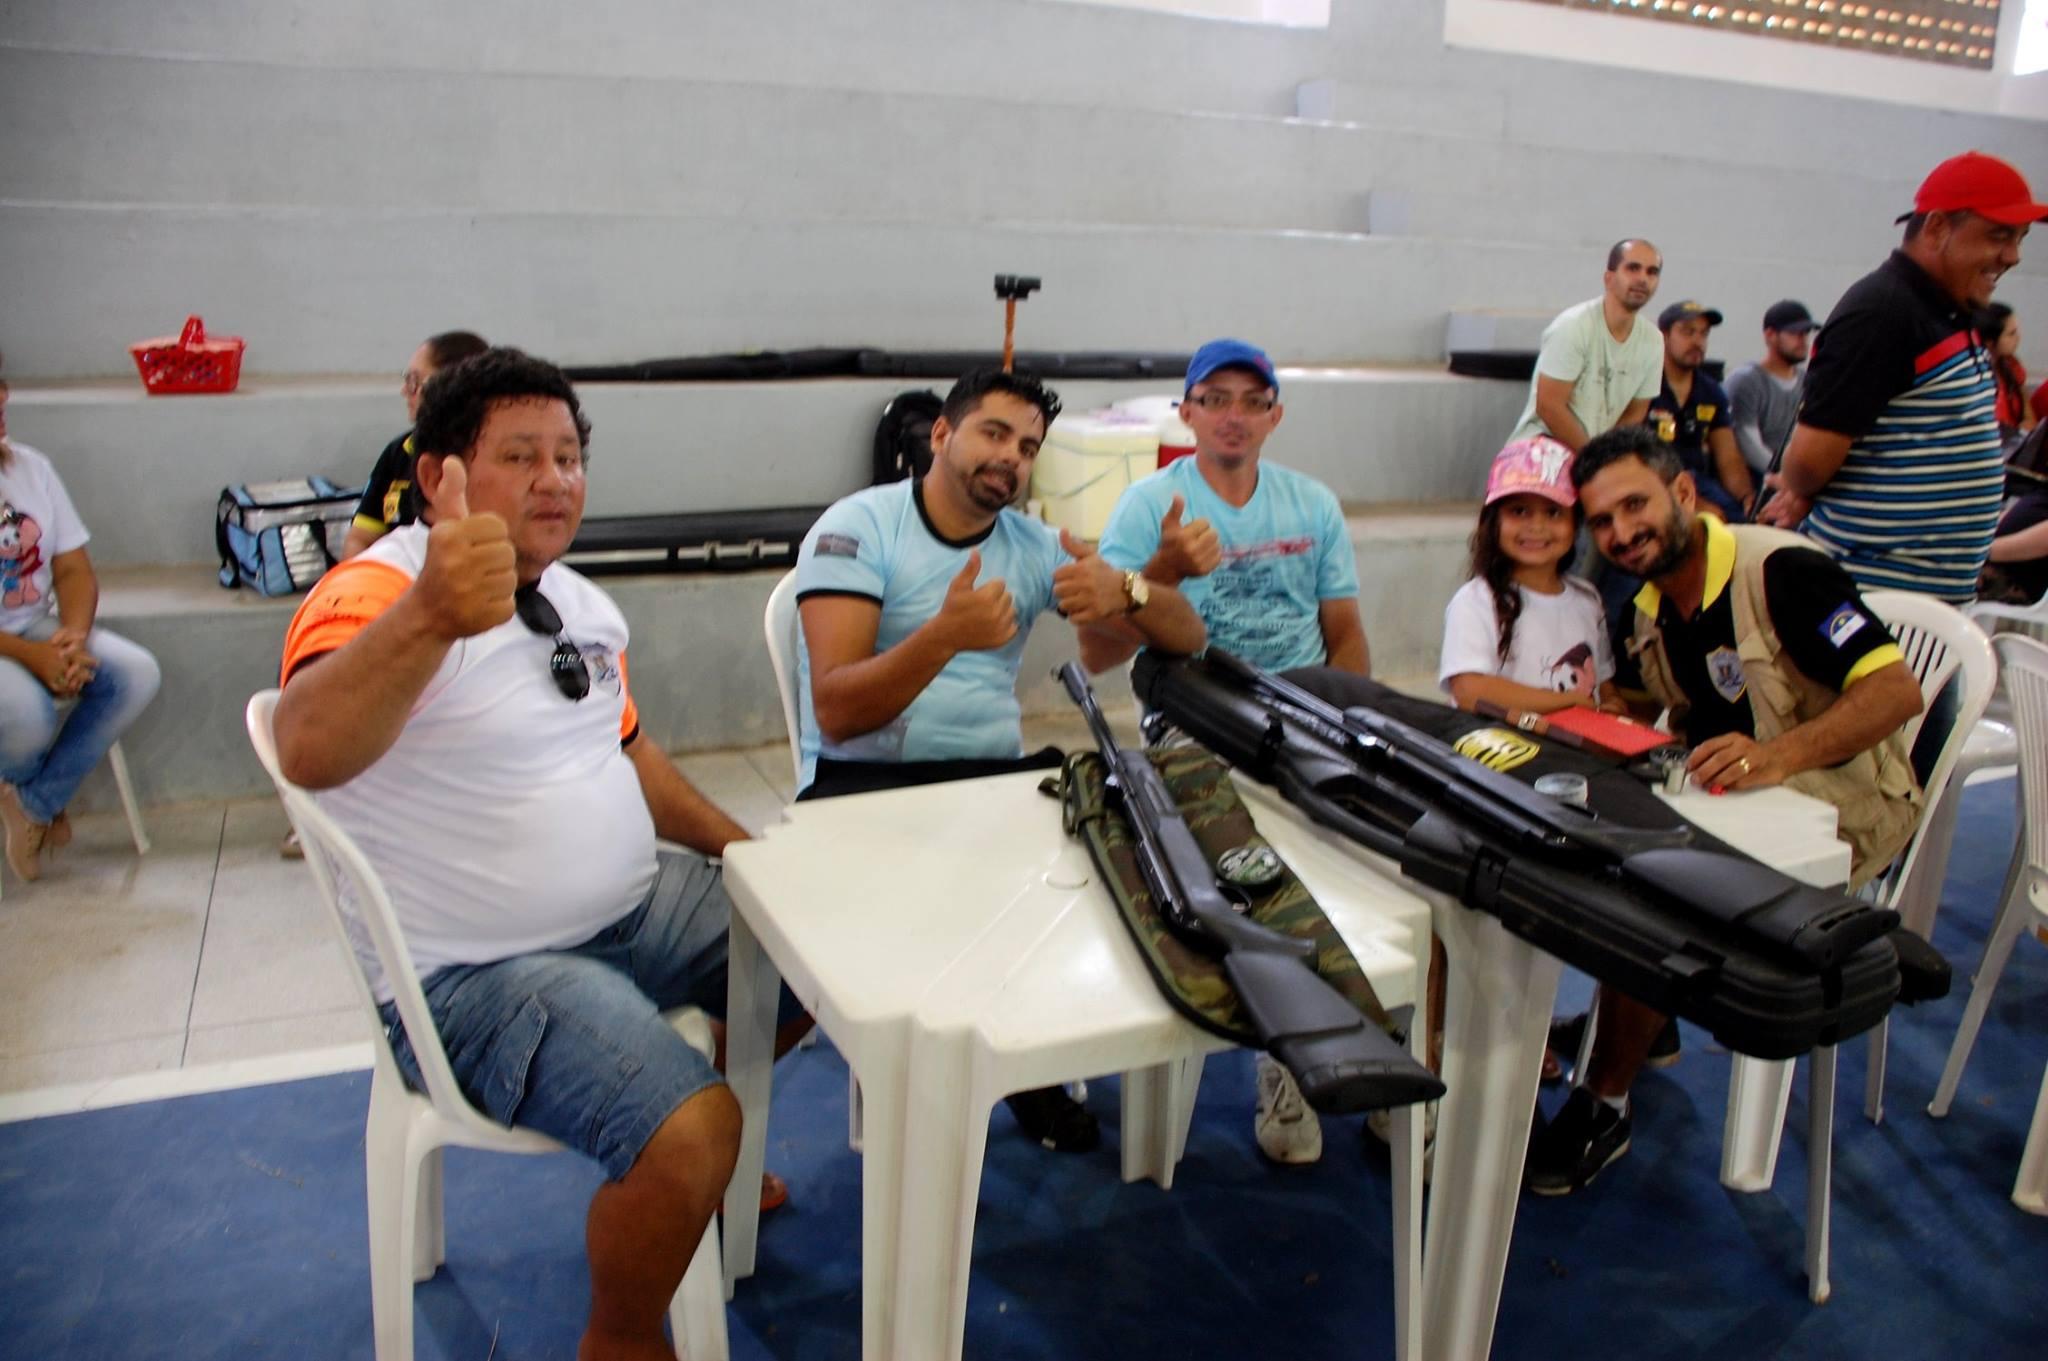 18766565_1889324768007380_4299036216928804959_o-300x199 Participantes comemoram o sucesso do Torneio de Tiro Esportivo de Monteiro